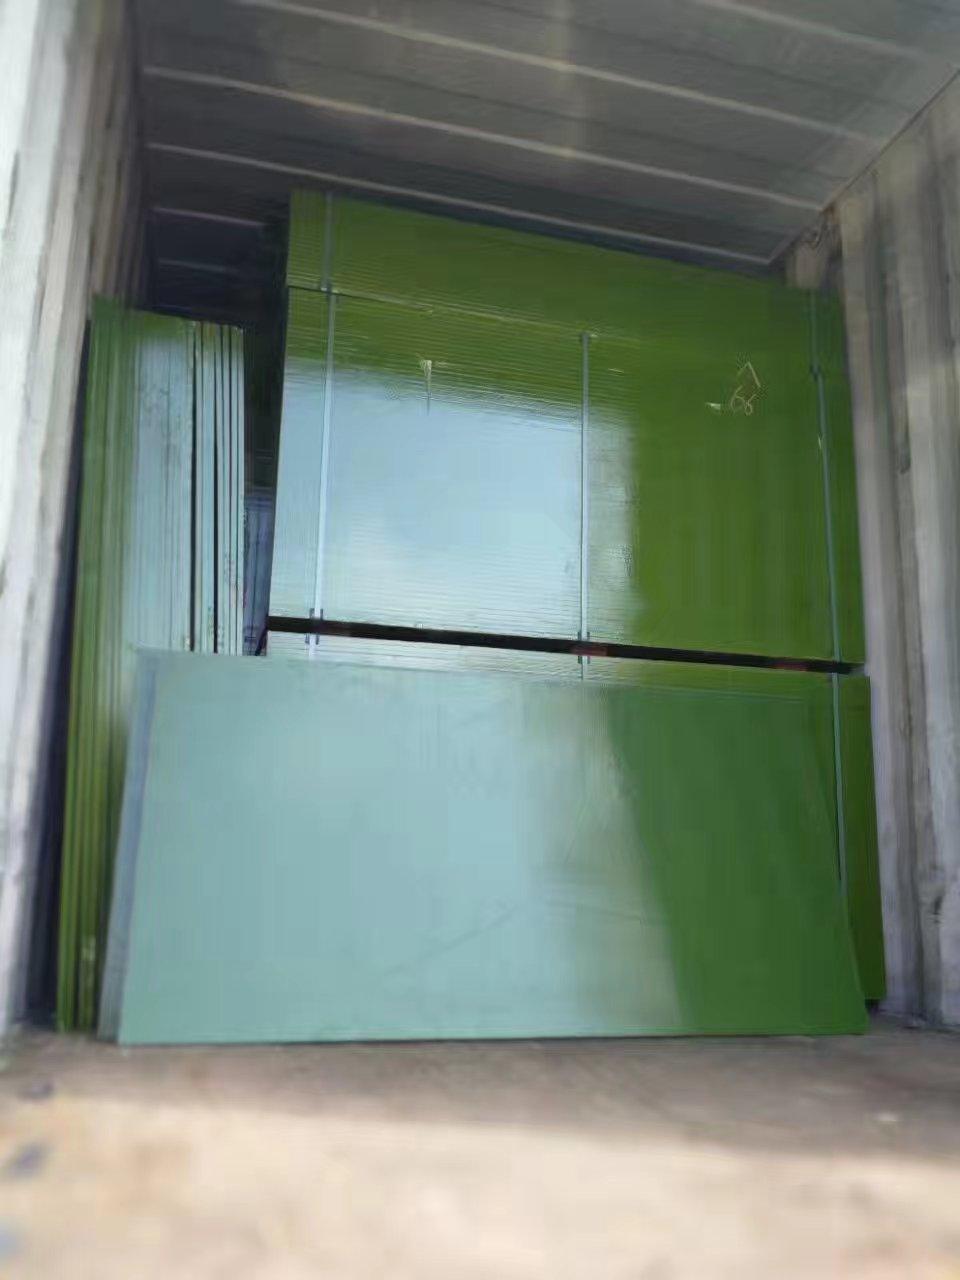 覆塑建筑模板 广西模板生产厂家 自产自销 货源稳定